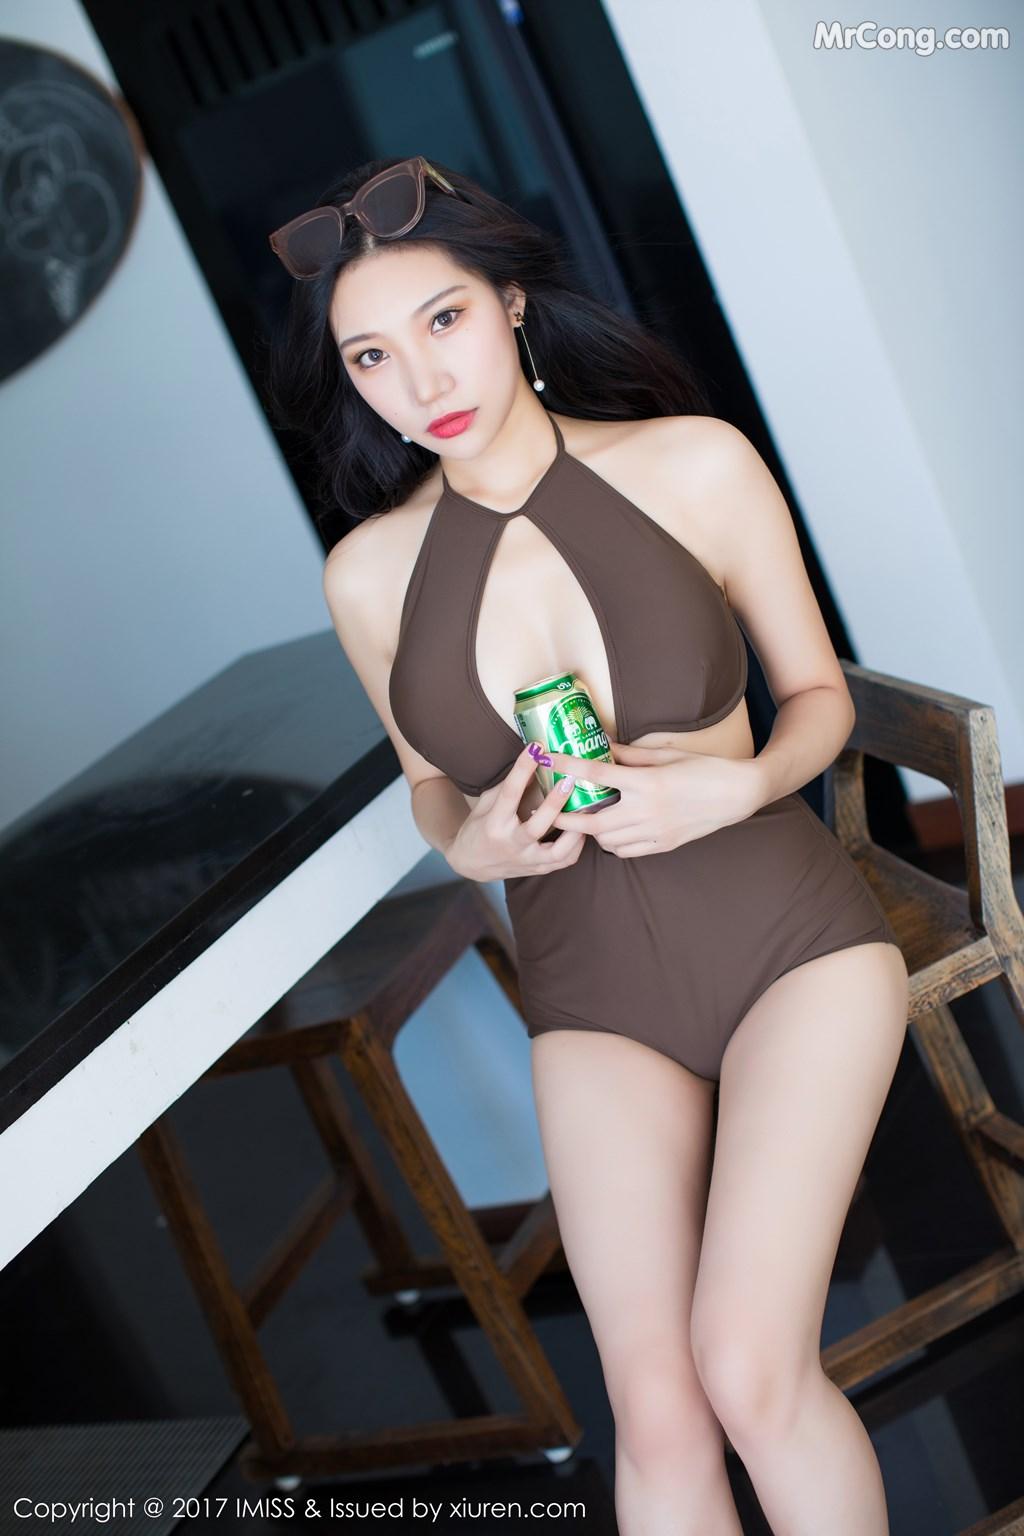 Image IMISS-Vol.202-Xiao-Hu-Li-Sica-MrCong.com-001 in post IMISS Vol.202: Người mẫu Xiao Hu Li (小狐狸Sica) (67 ảnh)